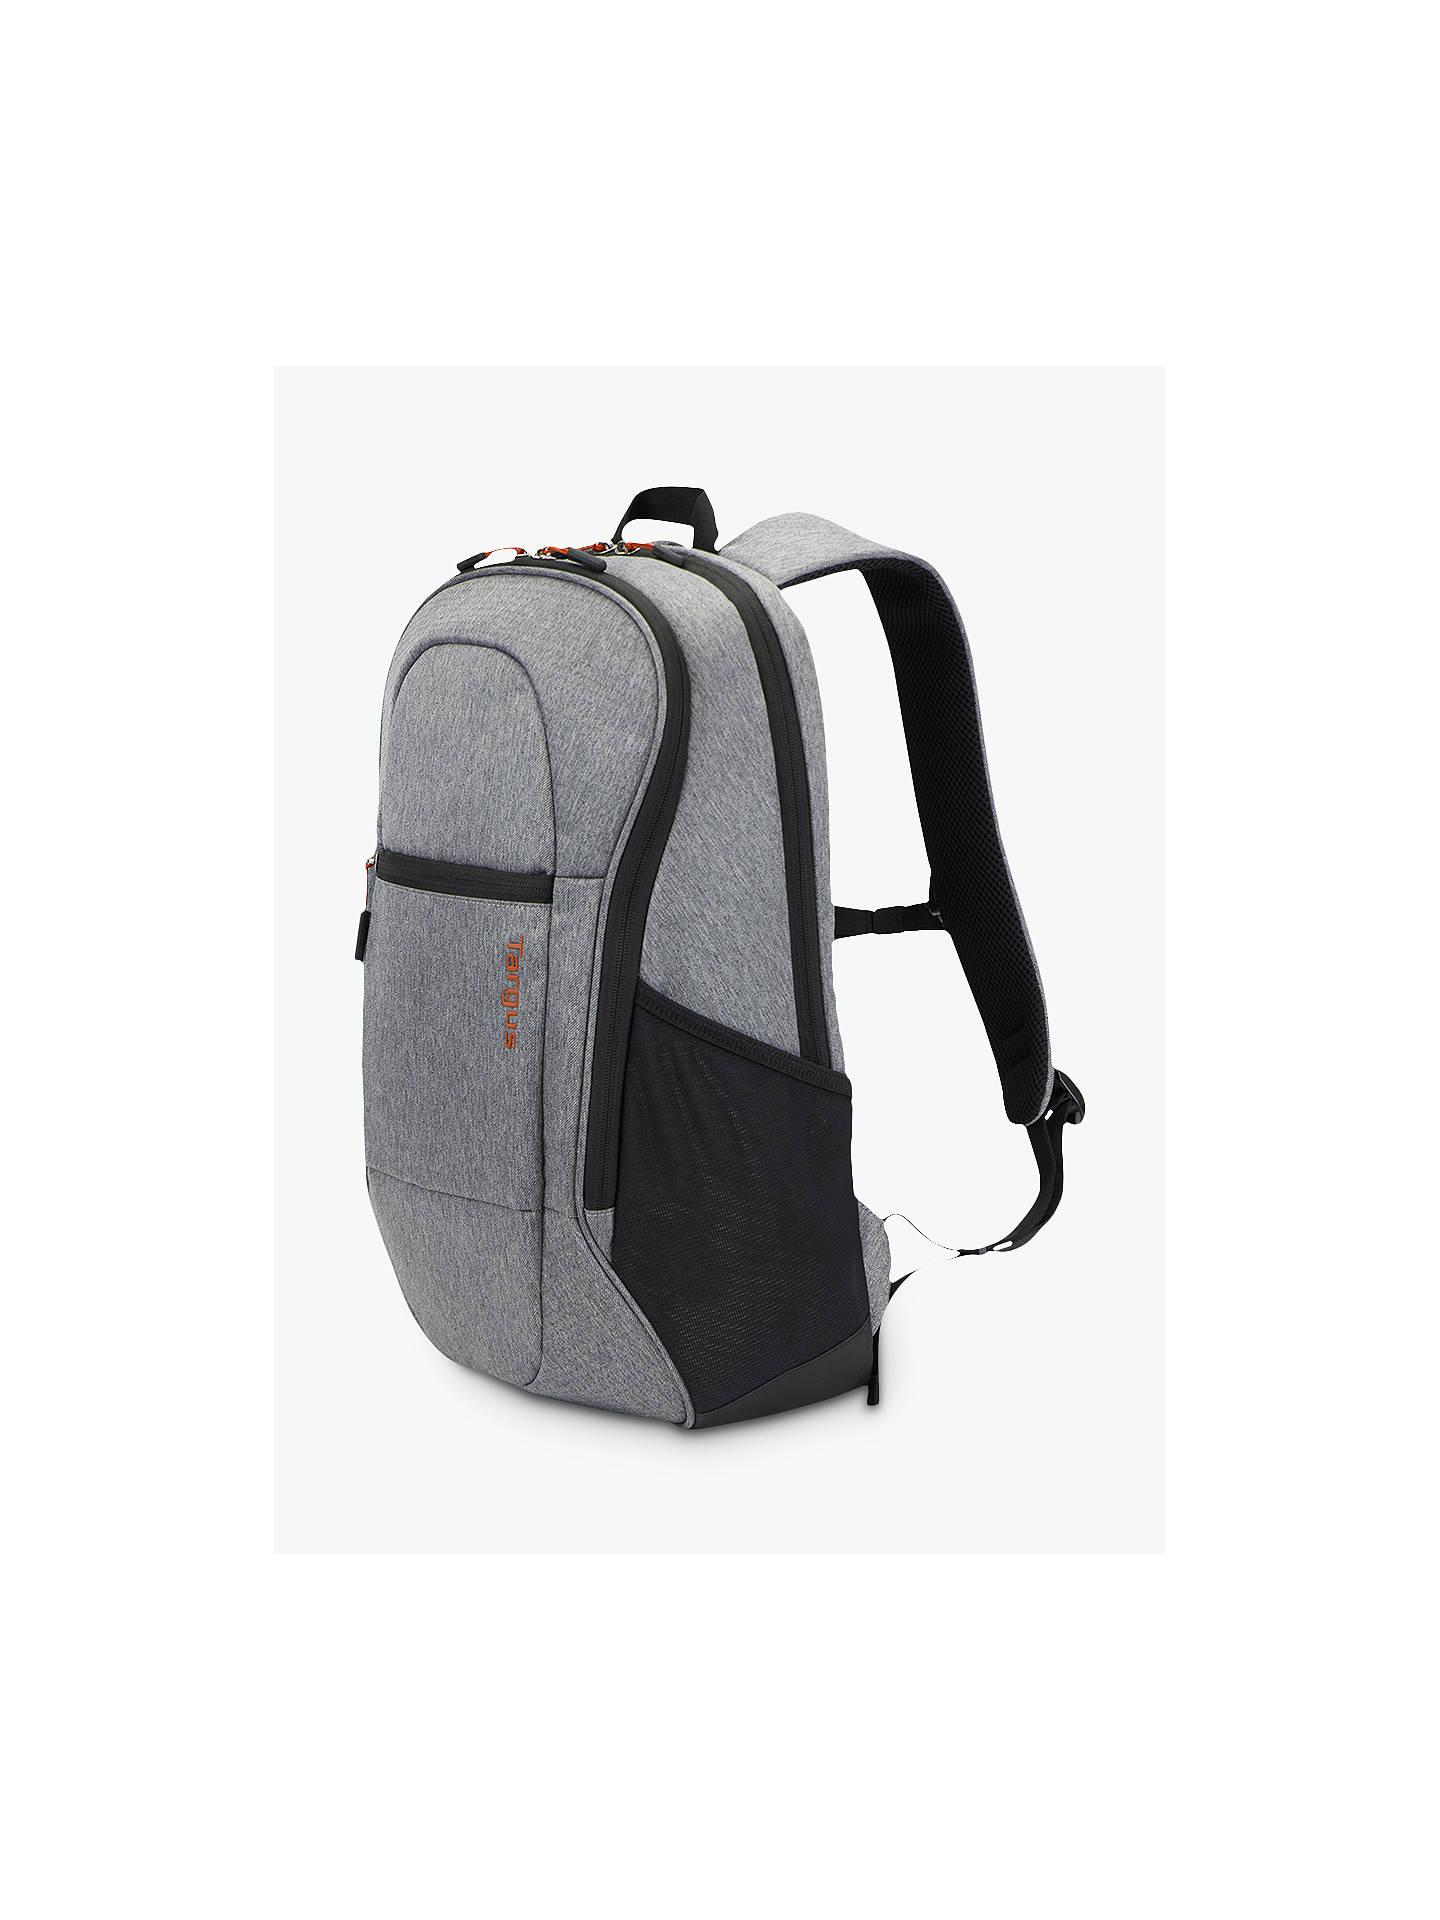 af8dea223afc BuyTargus Urban Commuter Backpack for Laptops up to 15.6